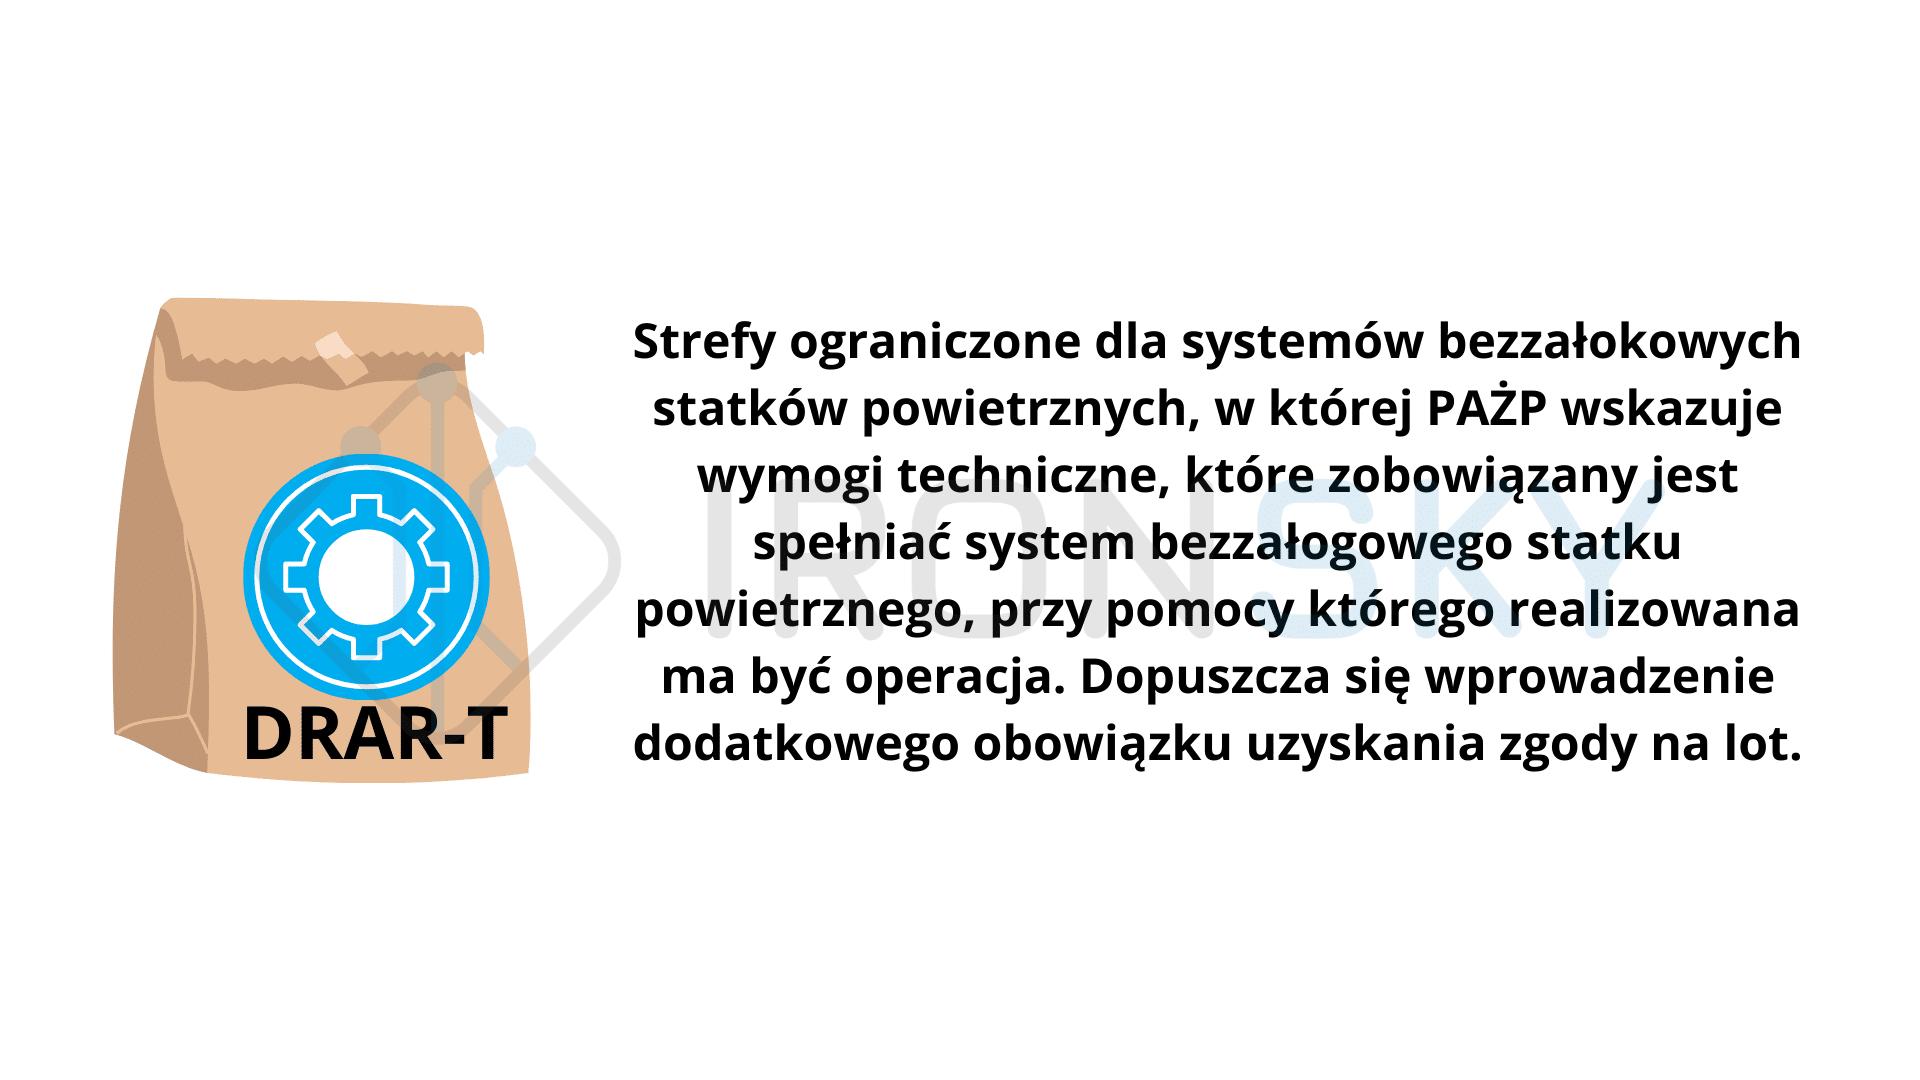 DRAR-T strefa informacyjna dla systemów dronów ironsky ironsky.pl sklep drony szkolenia UAVO NSTS A1 A2 A3